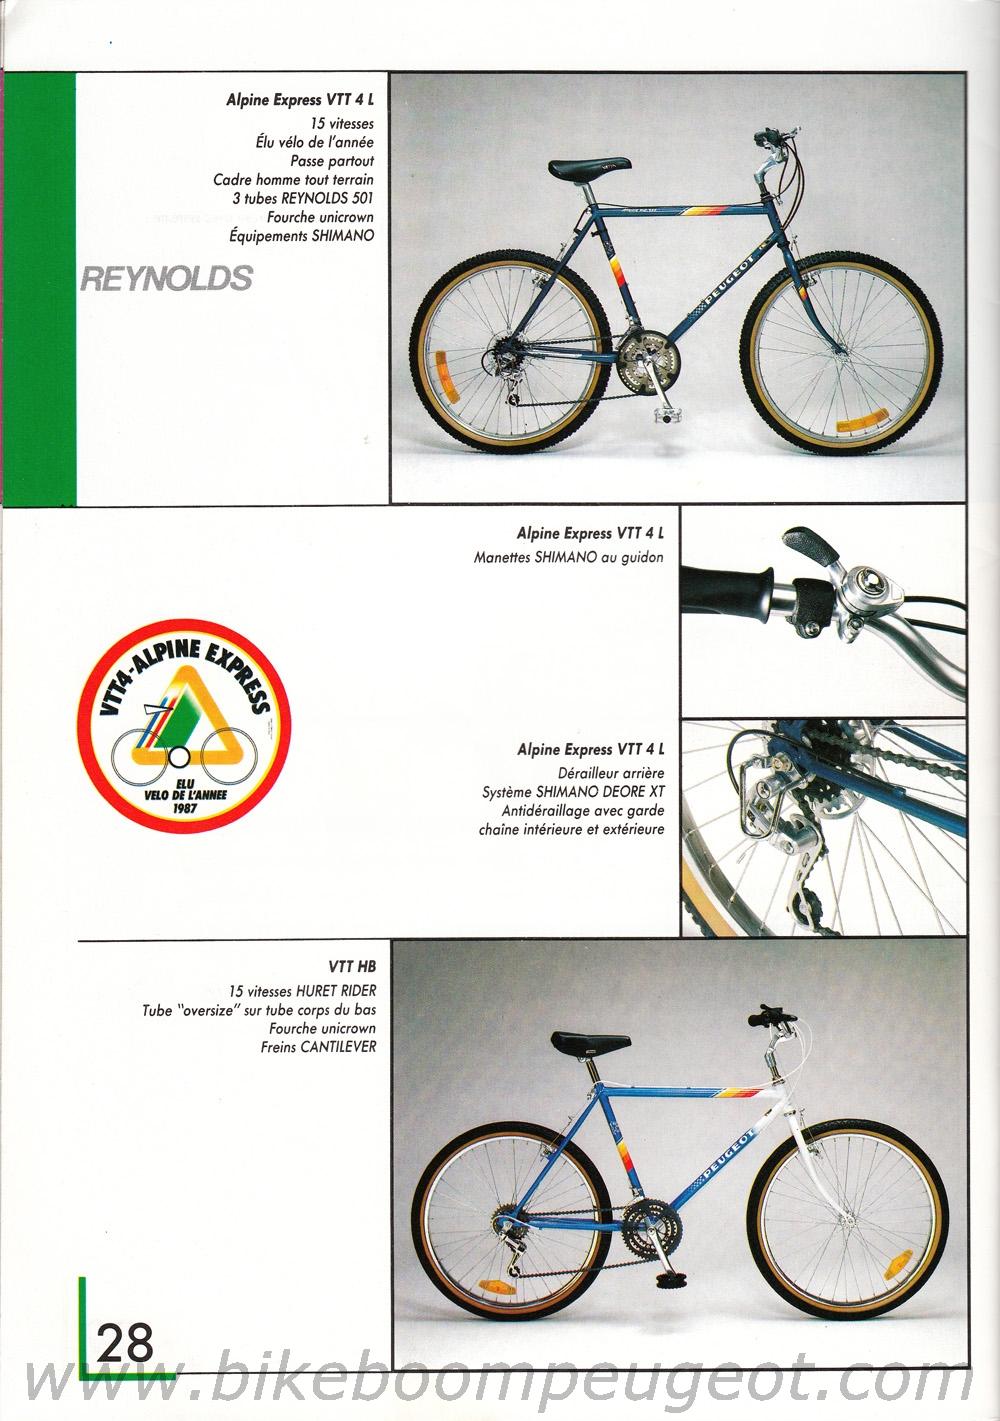 VTT Peugeot Alpine Express 11/1987 Peugeot%201988%20France%20Brochure%20VTT4L,%20VTTHB